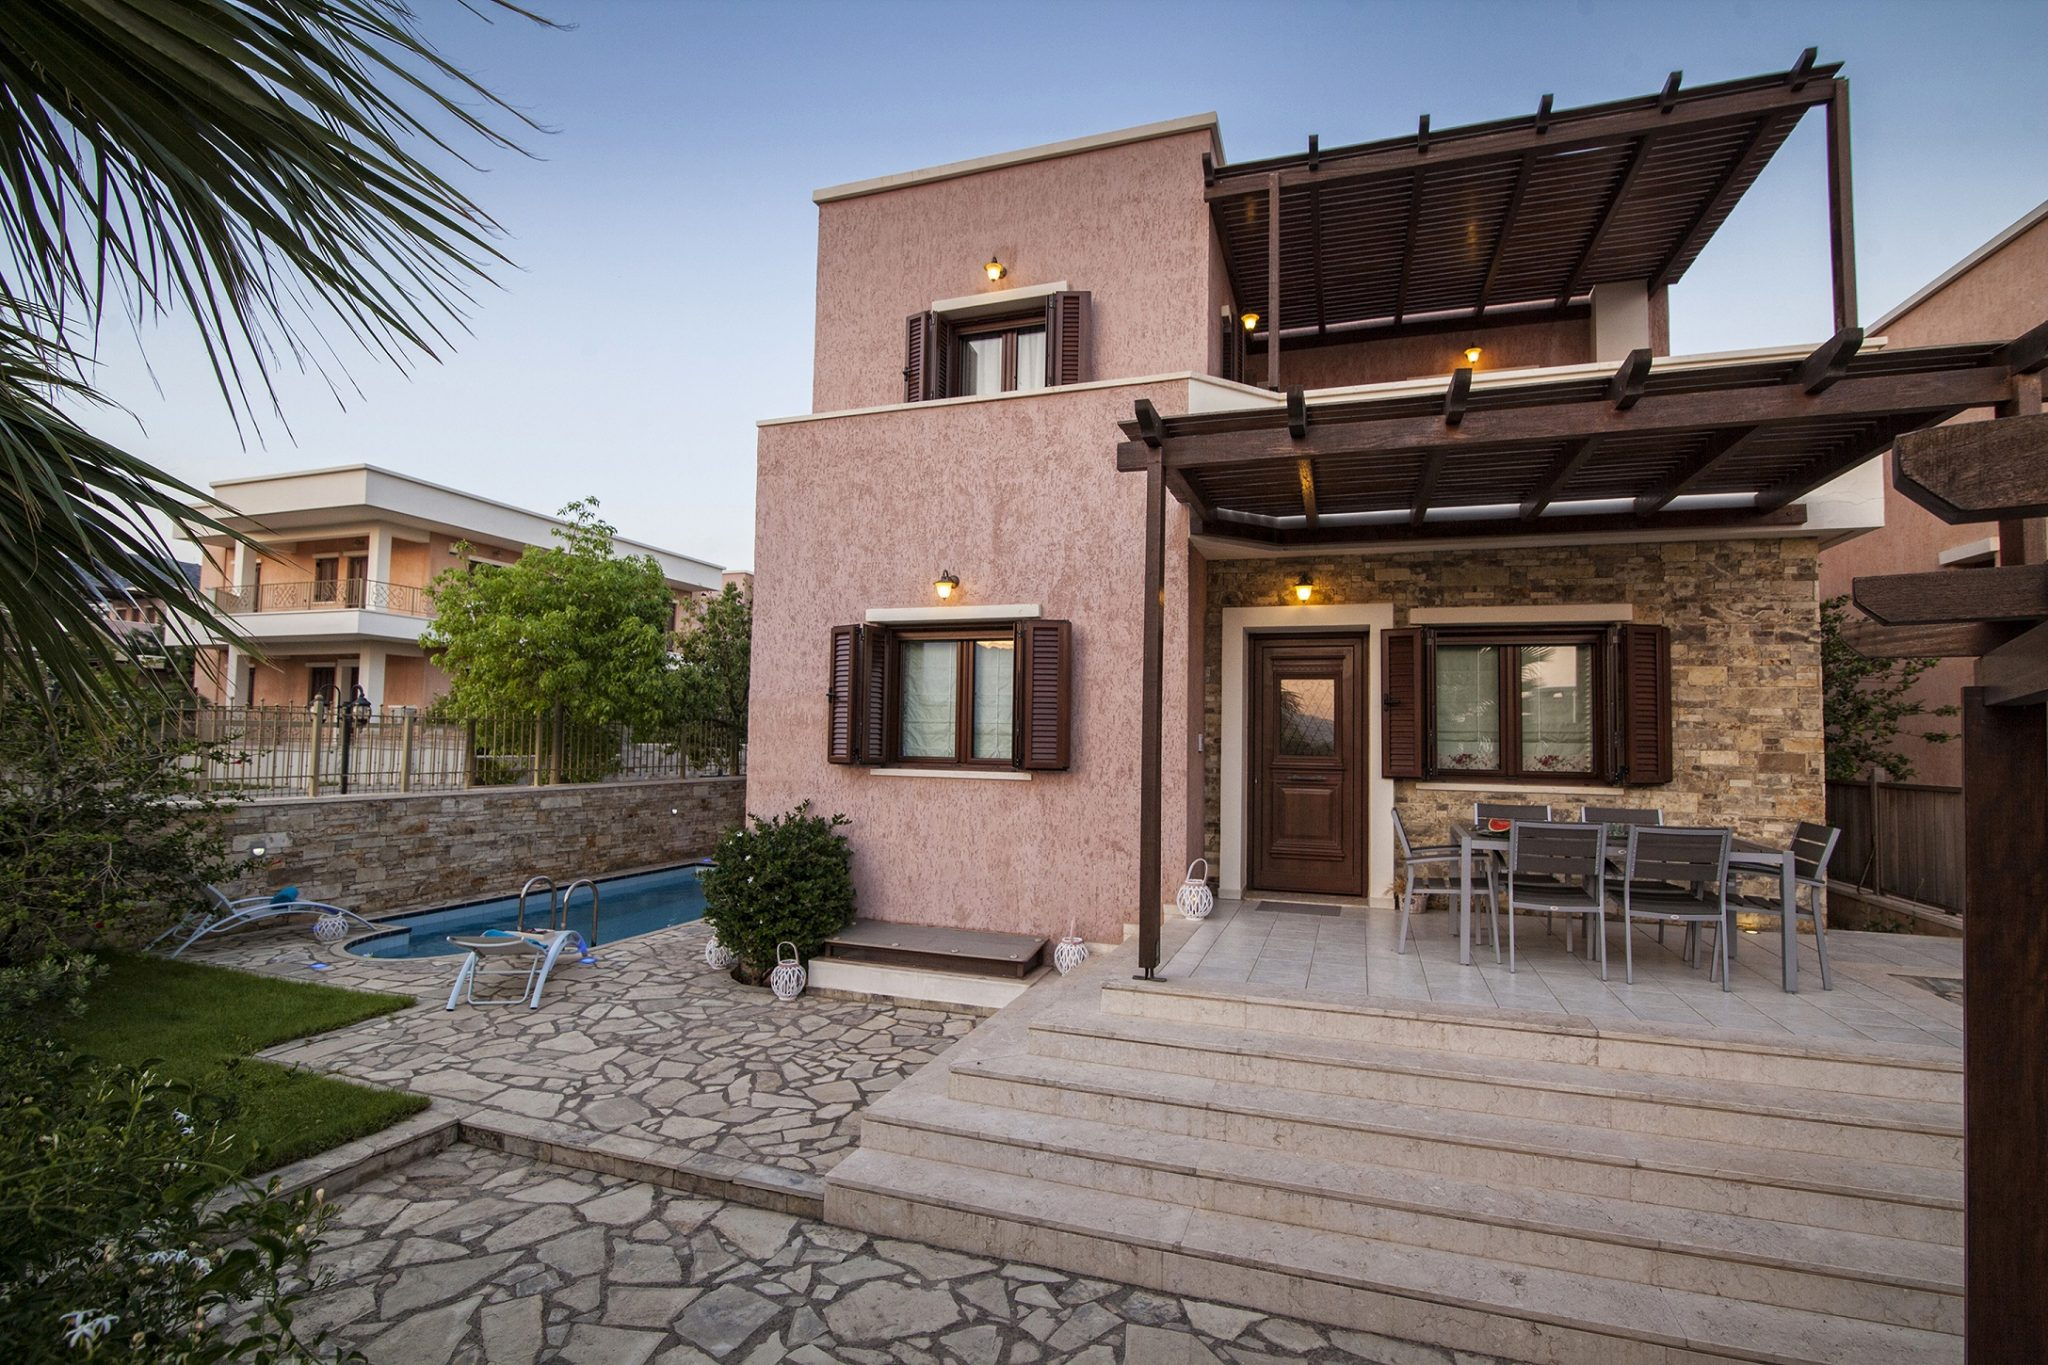 Casa, Lasithi - Ref GR-4927